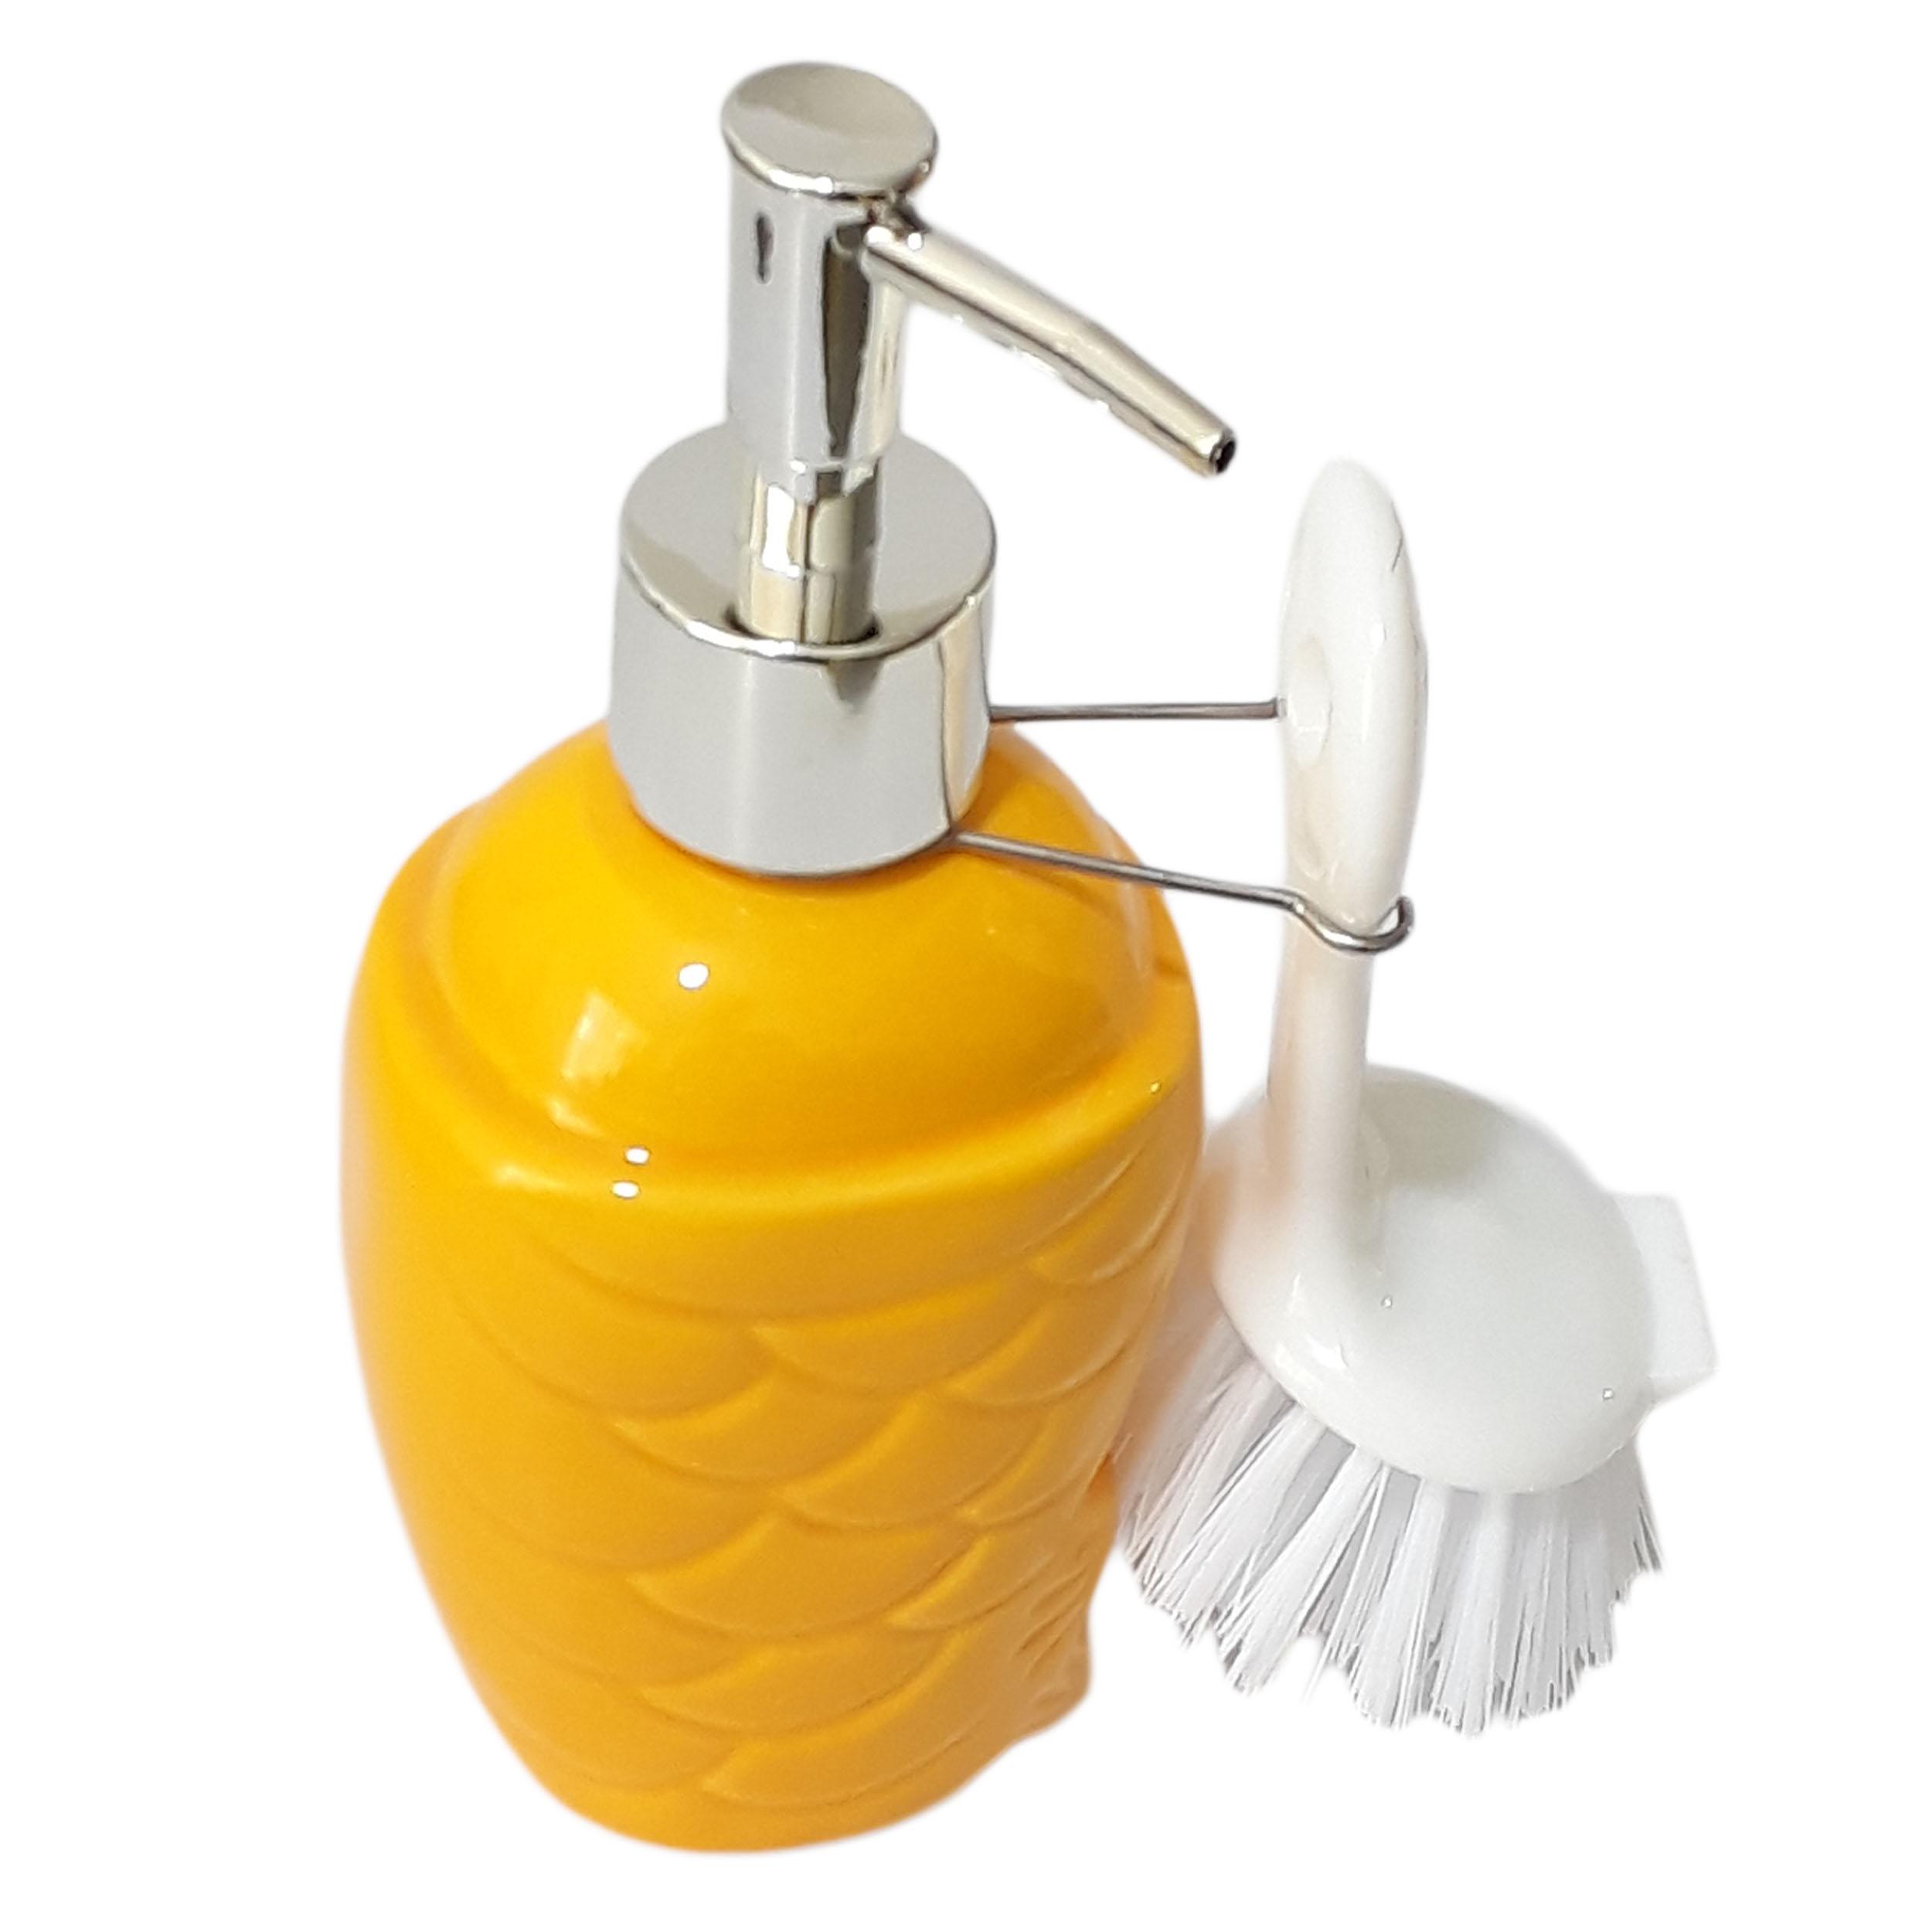 پمپ مایع ظرفشویی مدل sq1 به همراه فرچه